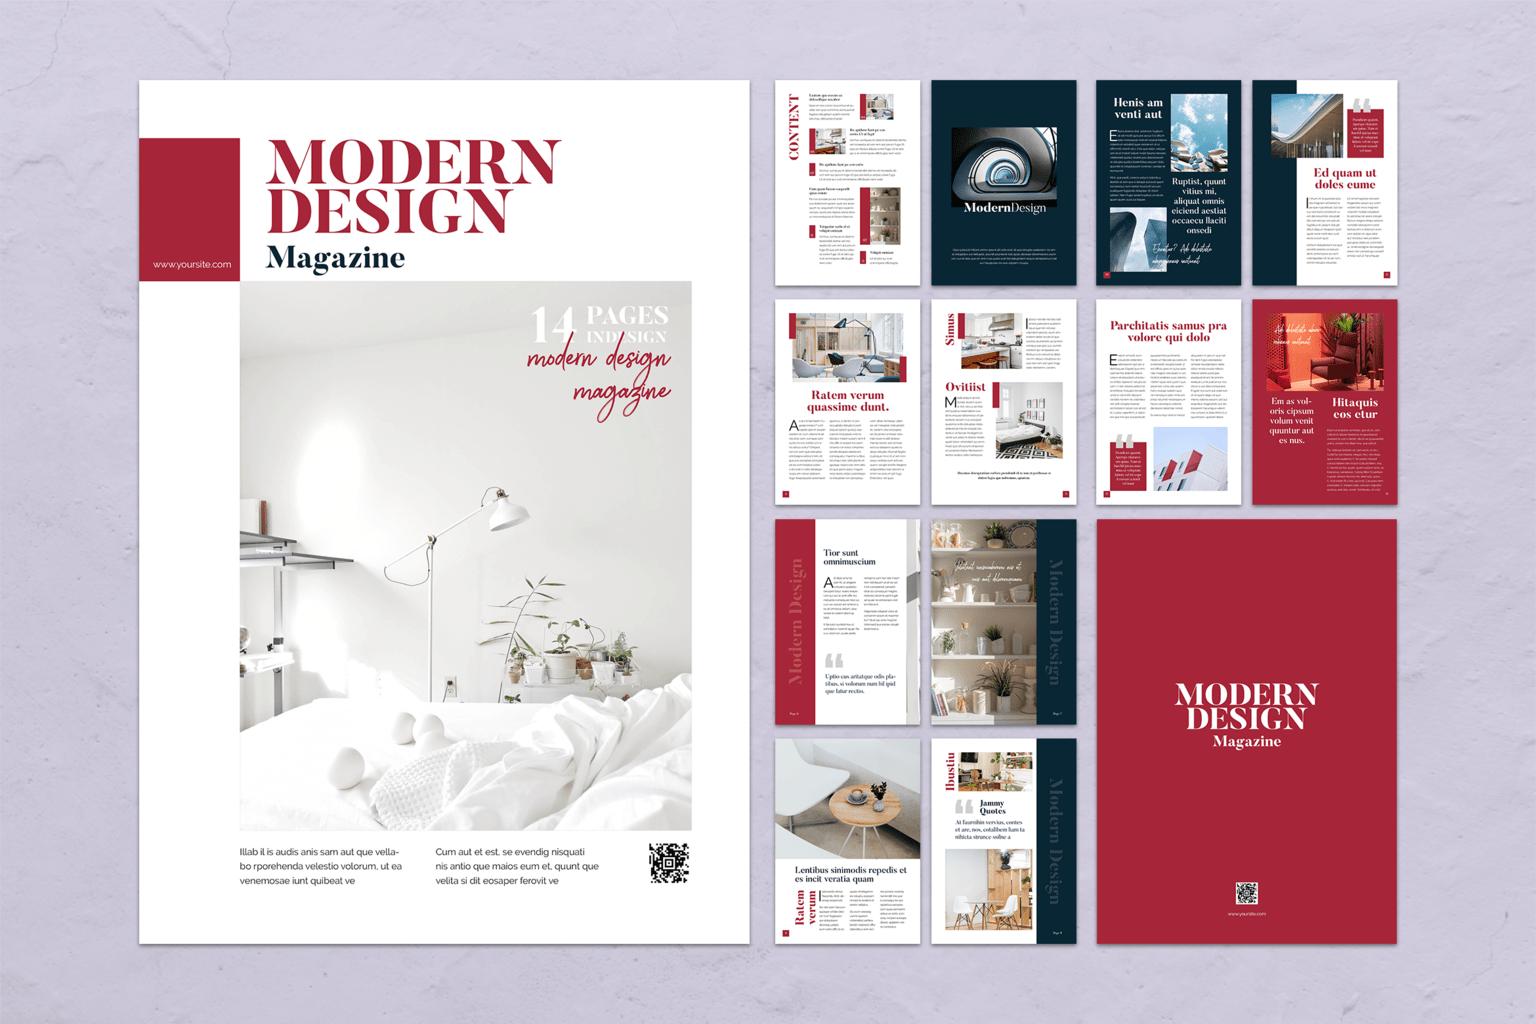 7 amazing tips to improve your magazine layout design 3